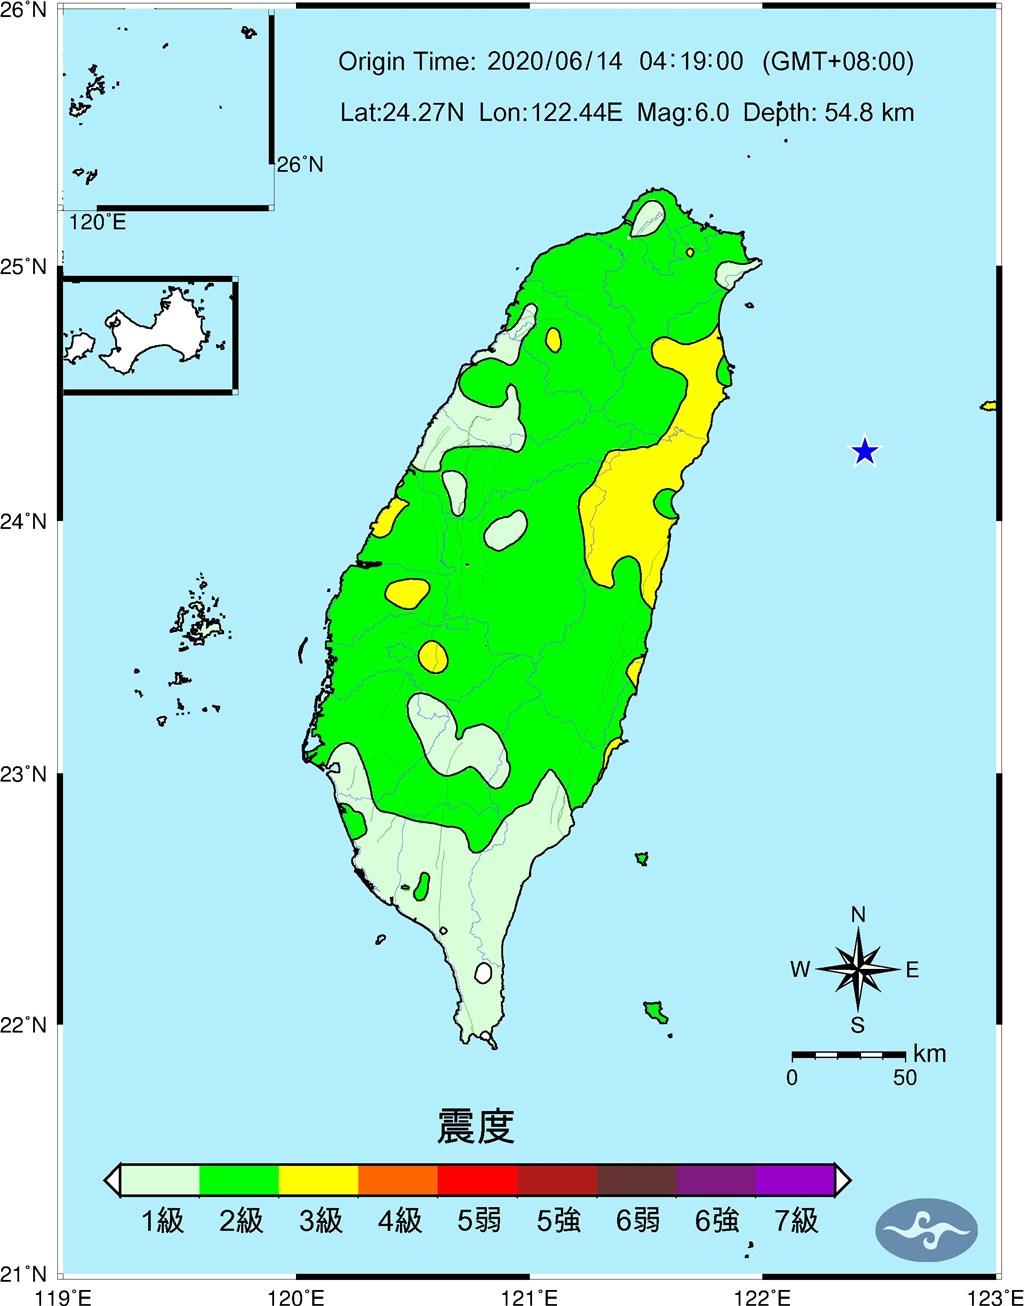 14日清晨宜蘭外海發生規模6.0地震,全台有感。圖為震度圖,星號為震央。(圖取自中央氣象局網頁cwb.gov.tw)